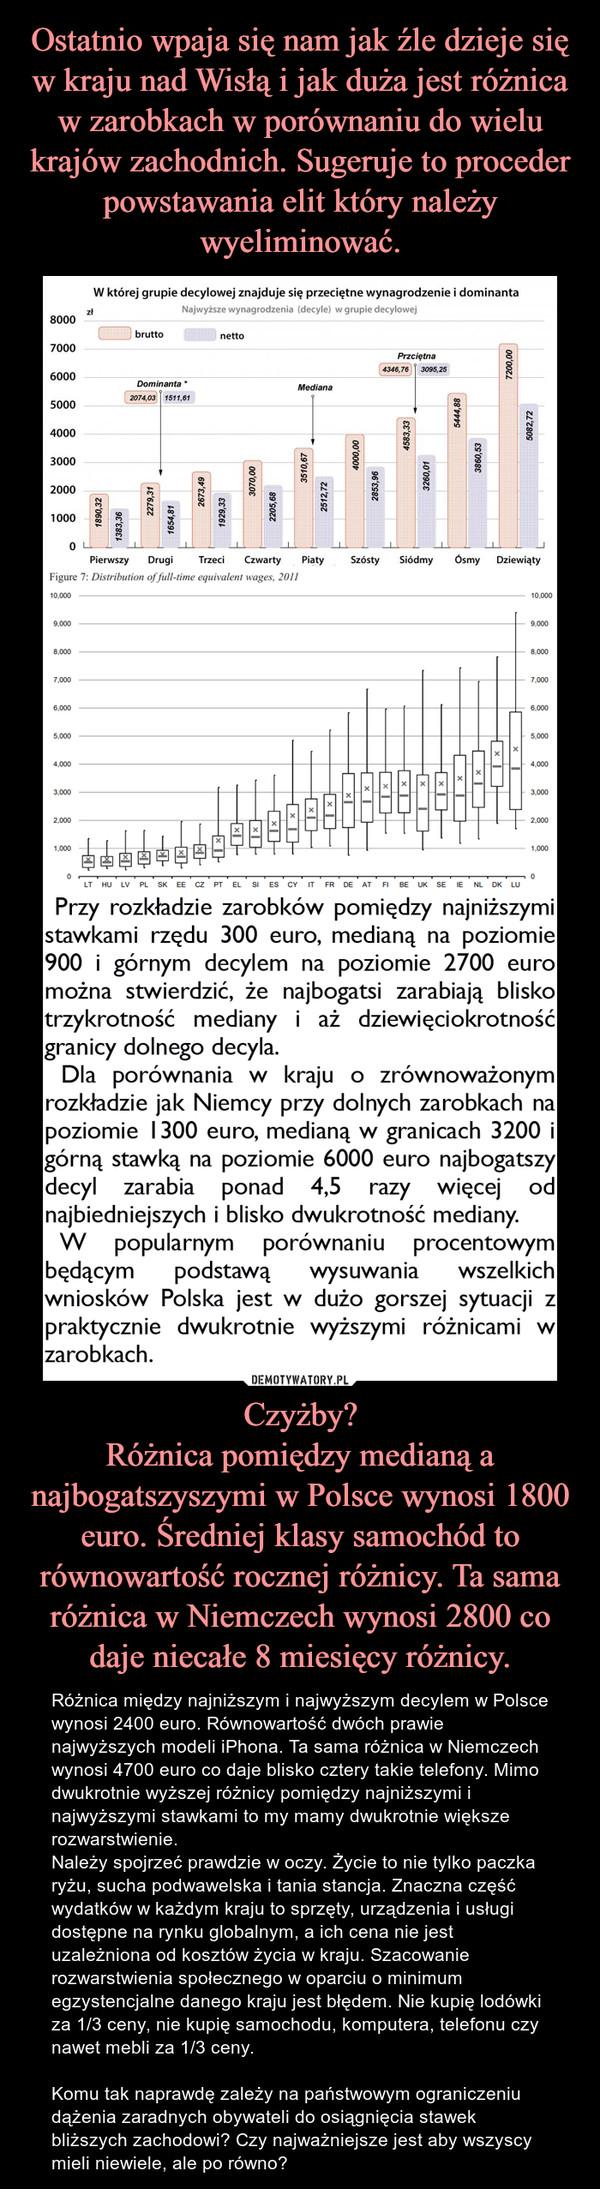 Czyżby?Różnica pomiędzy medianą a najbogatszyszymi w Polsce wynosi 1800 euro. Średniej klasy samochód to równowartość rocznej różnicy. Ta sama różnica w Niemczech wynosi 2800 co daje niecałe 8 miesięcy różnicy. – Różnica między najniższym i najwyższym decylem w Polsce wynosi 2400 euro. Równowartość dwóch prawie najwyższych modeli iPhona. Ta sama różnica w Niemczech wynosi 4700 euro co daje blisko cztery takie telefony. Mimo dwukrotnie wyższej różnicy pomiędzy najniższymi i najwyższymi stawkami to my mamy dwukrotnie większe rozwarstwienie.Należy spojrzeć prawdzie w oczy. Życie to nie tylko paczka ryżu, sucha podwawelska i tania stancja. Znaczna część wydatków w każdym kraju to sprzęty, urządzenia i usługi dostępne na rynku globalnym, a ich cena nie jest uzależniona od kosztów życia w kraju. Szacowanie rozwarstwienia społecznego w oparciu o minimum egzystencjalne danego kraju jest błędem. Nie kupię lodówki za 1/3 ceny, nie kupię samochodu, komputera, telefonu czy nawet mebli za 1/3 ceny.Komu tak naprawdę zależy na państwowym ograniczeniu dążenia zaradnych obywateli do osiągnięcia stawek bliższych zachodowi? Czy najważniejsze jest aby wszyscy mieli niewiele, ale po równo?